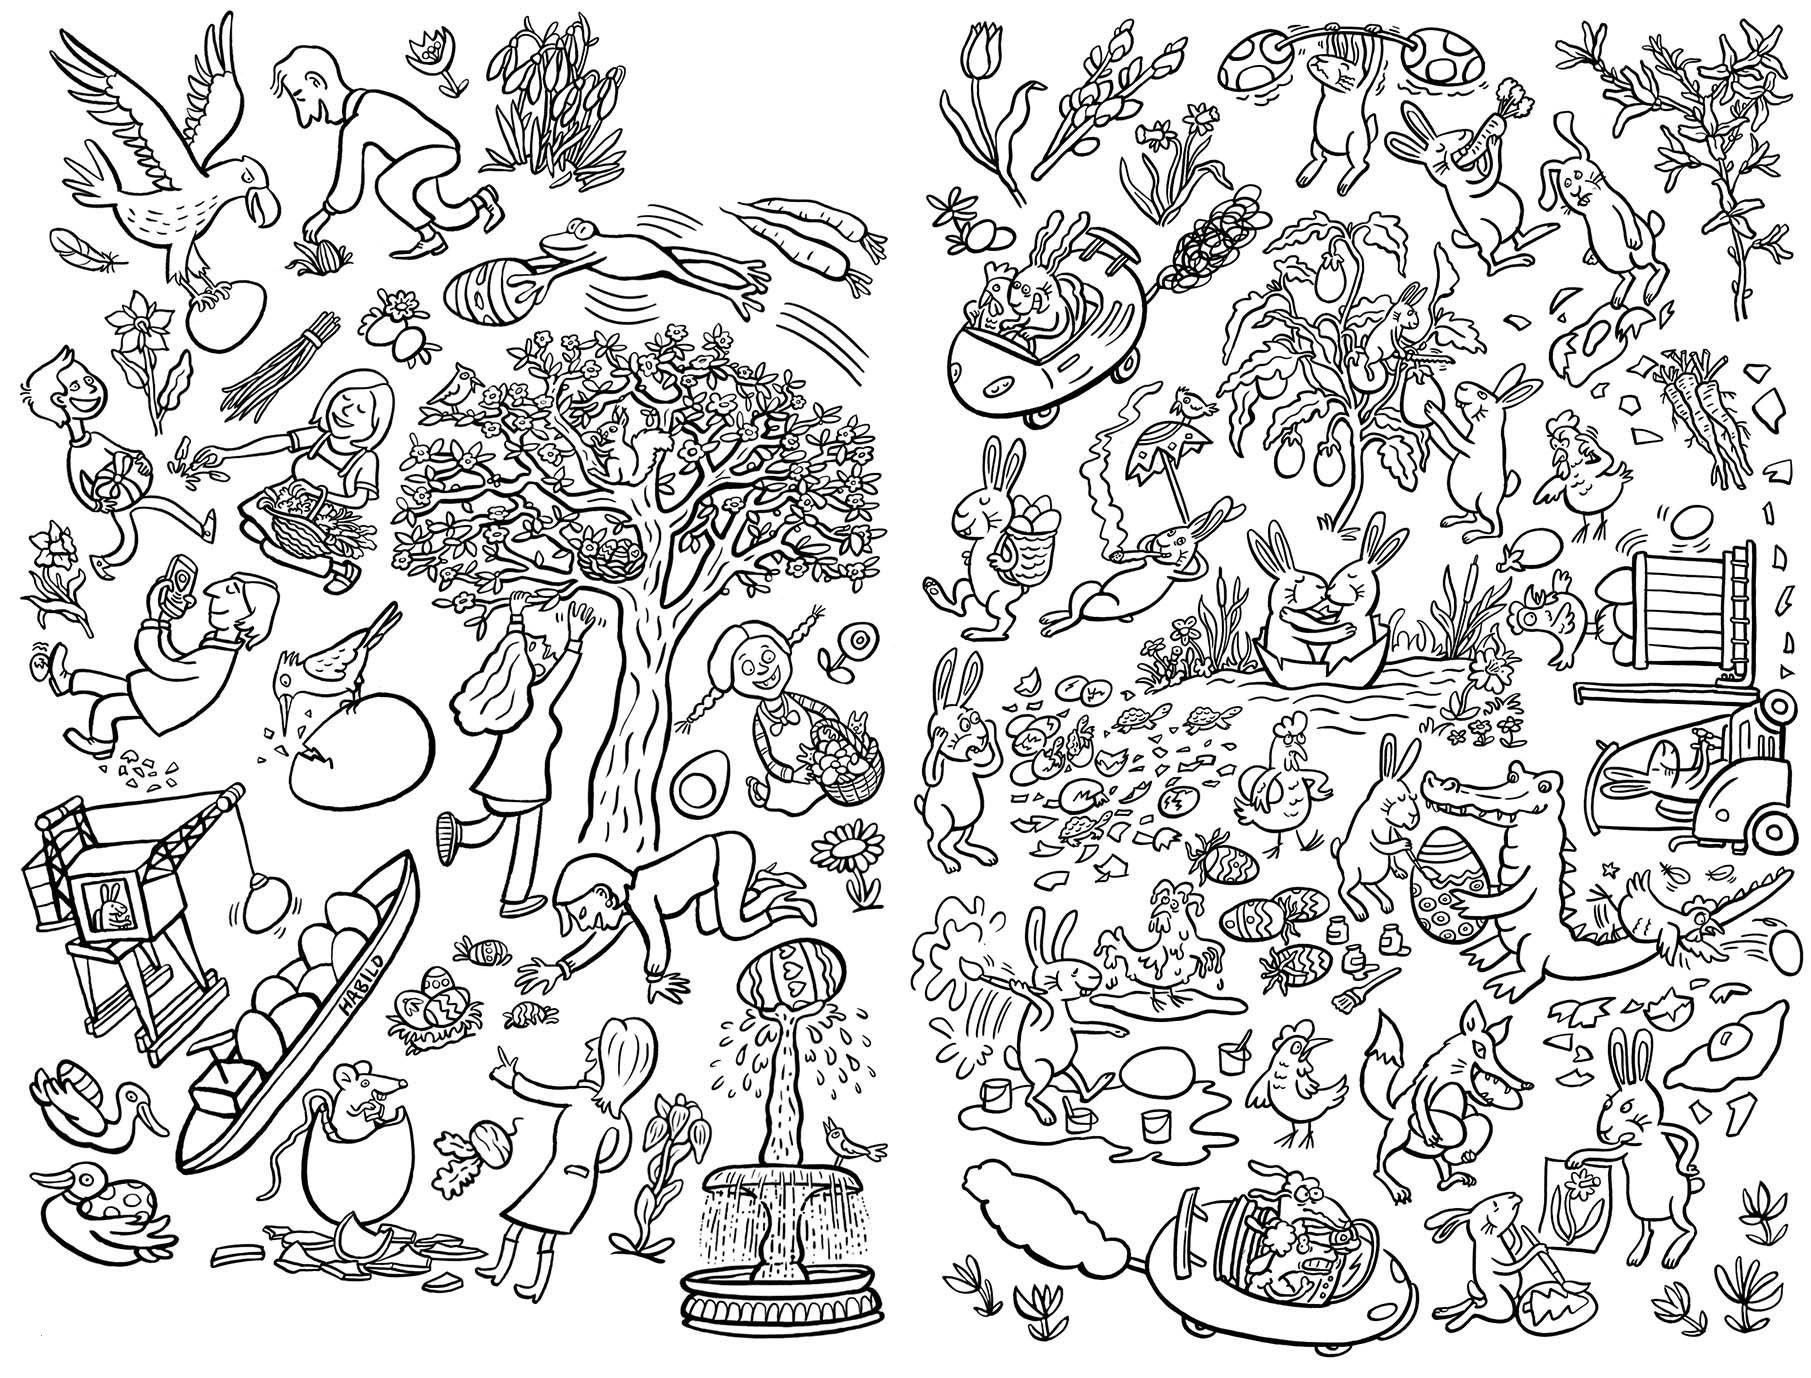 Ausmalbilder Frohe Ostern Inspirierend Ausmalbilder Ostern Kostenlos Ausdrucken Elegant Frohe Ostern Das Bild